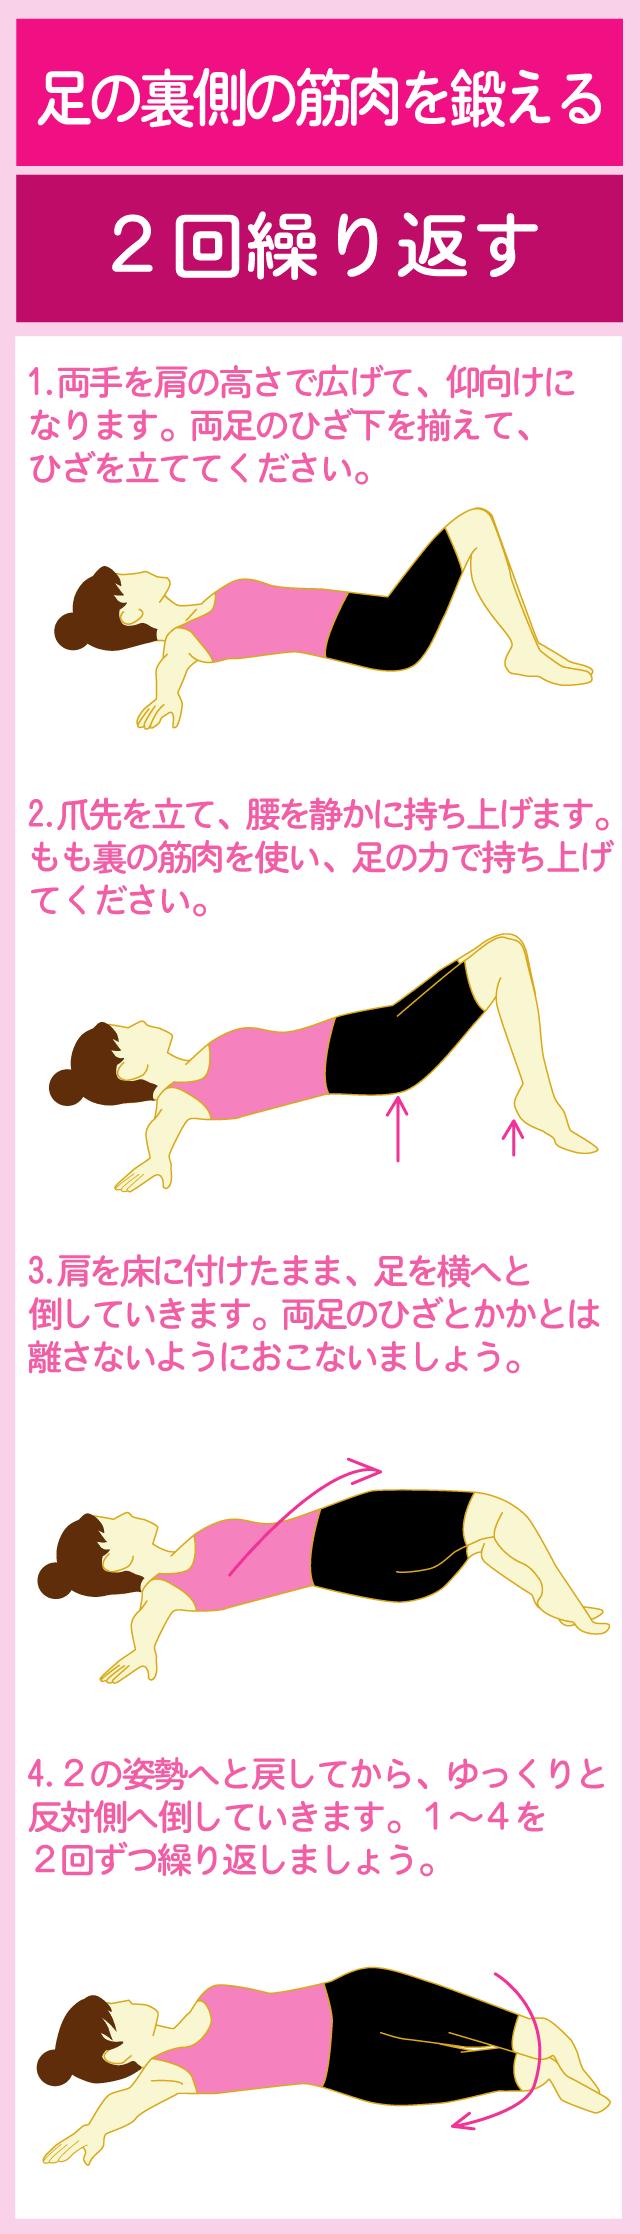 ももの裏側の筋肉を鍛える